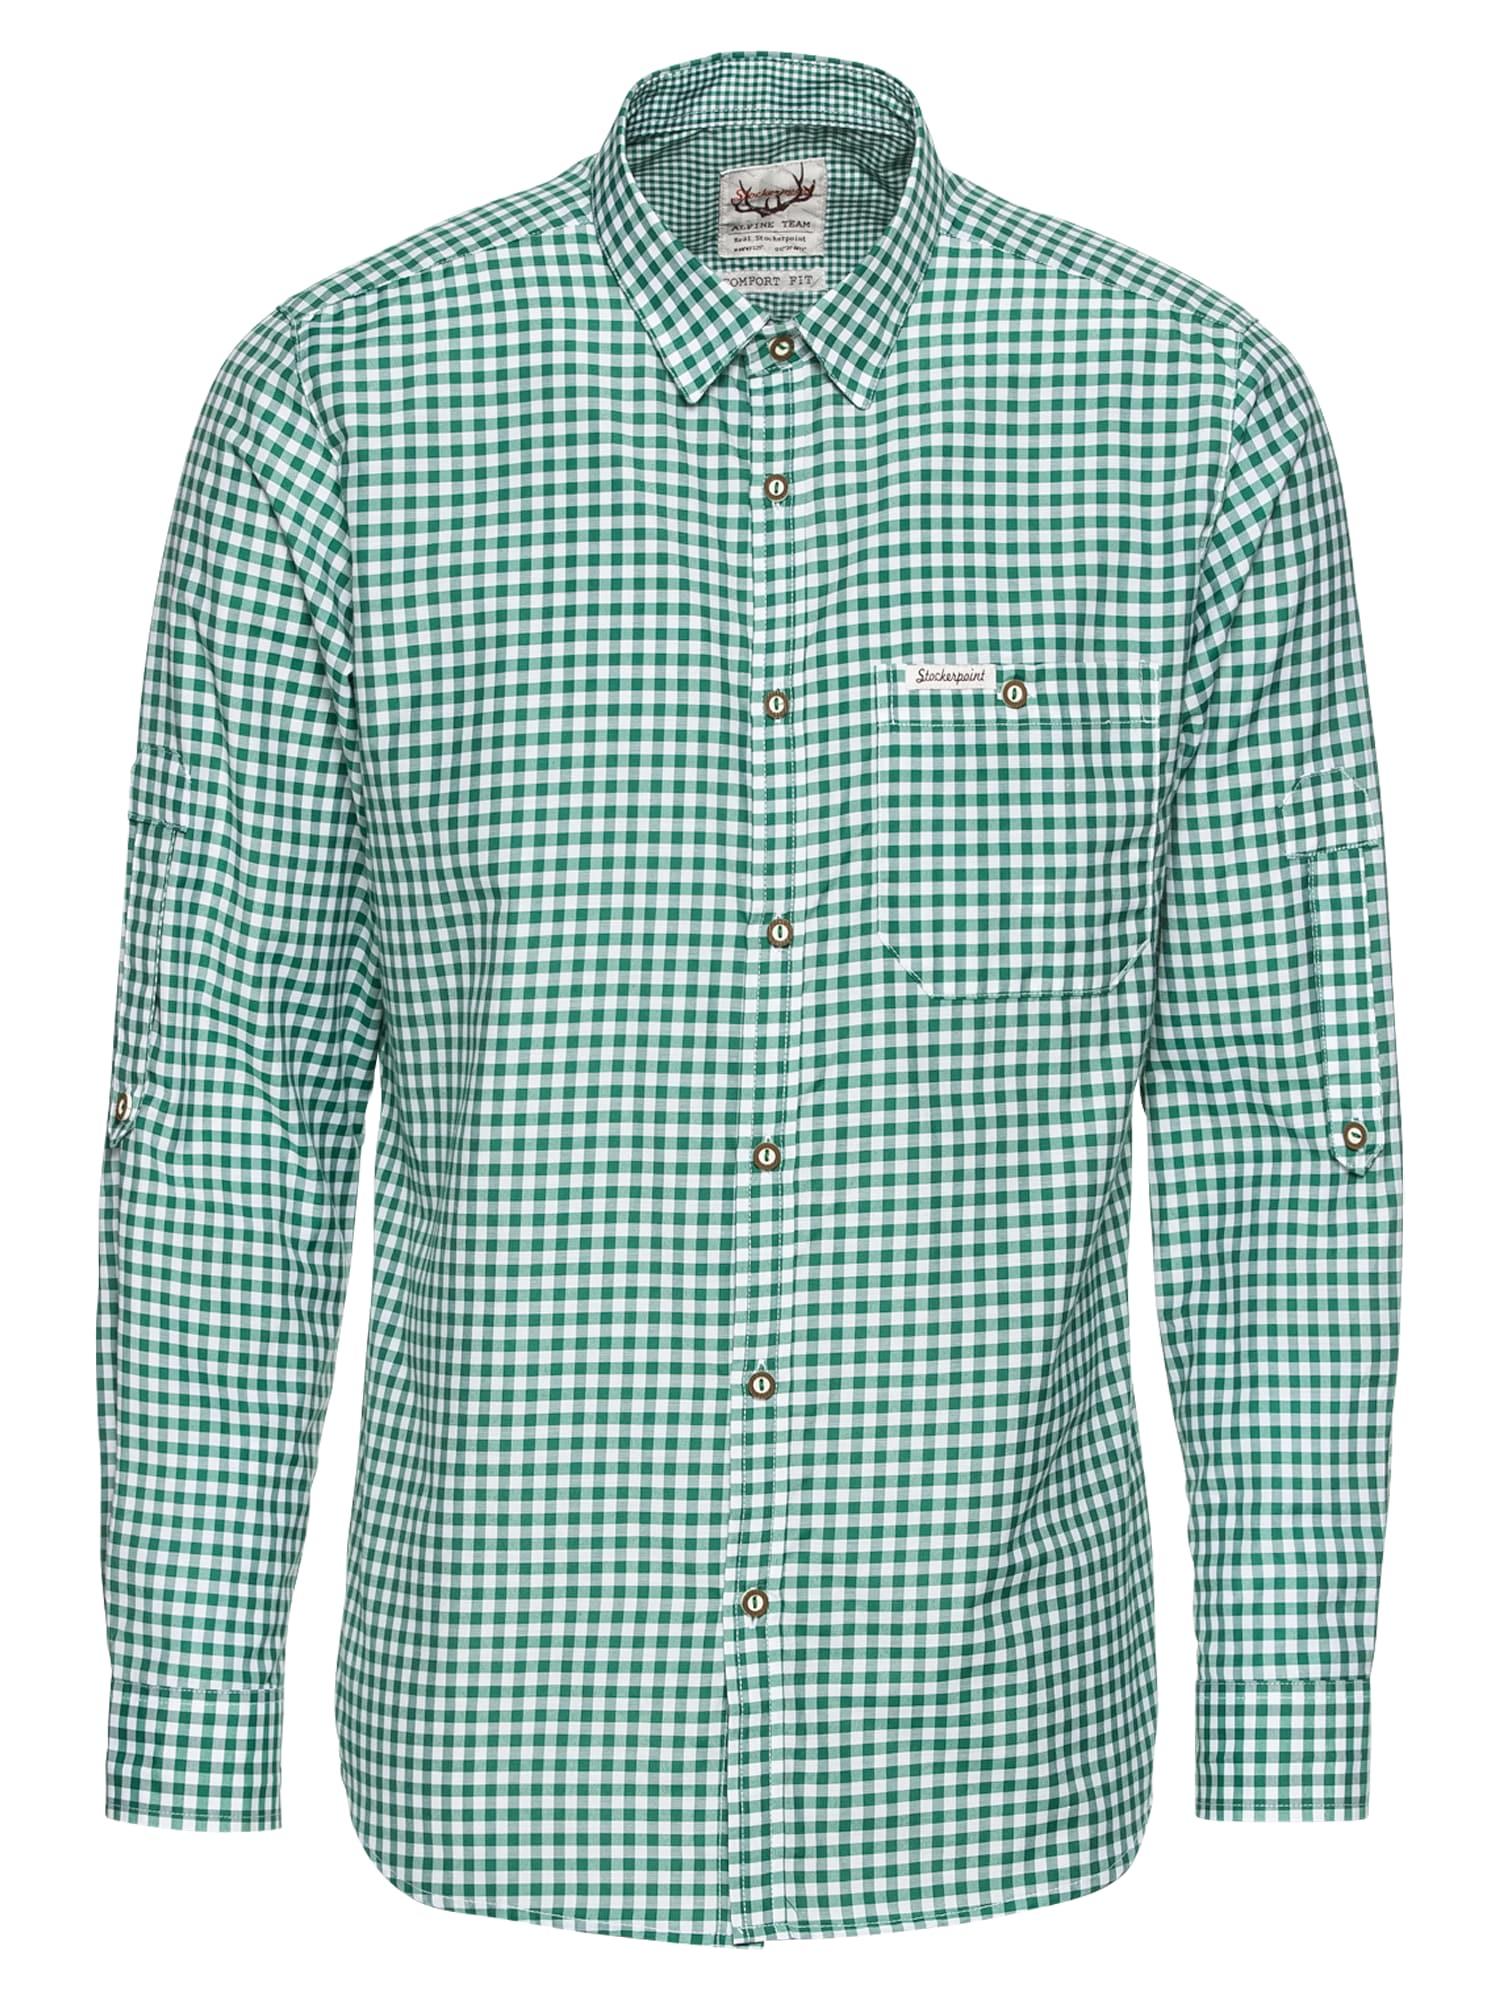 STOCKERPOINT Neliemenuoti marškiniai 'Campos3' tamsiai žalia / balta